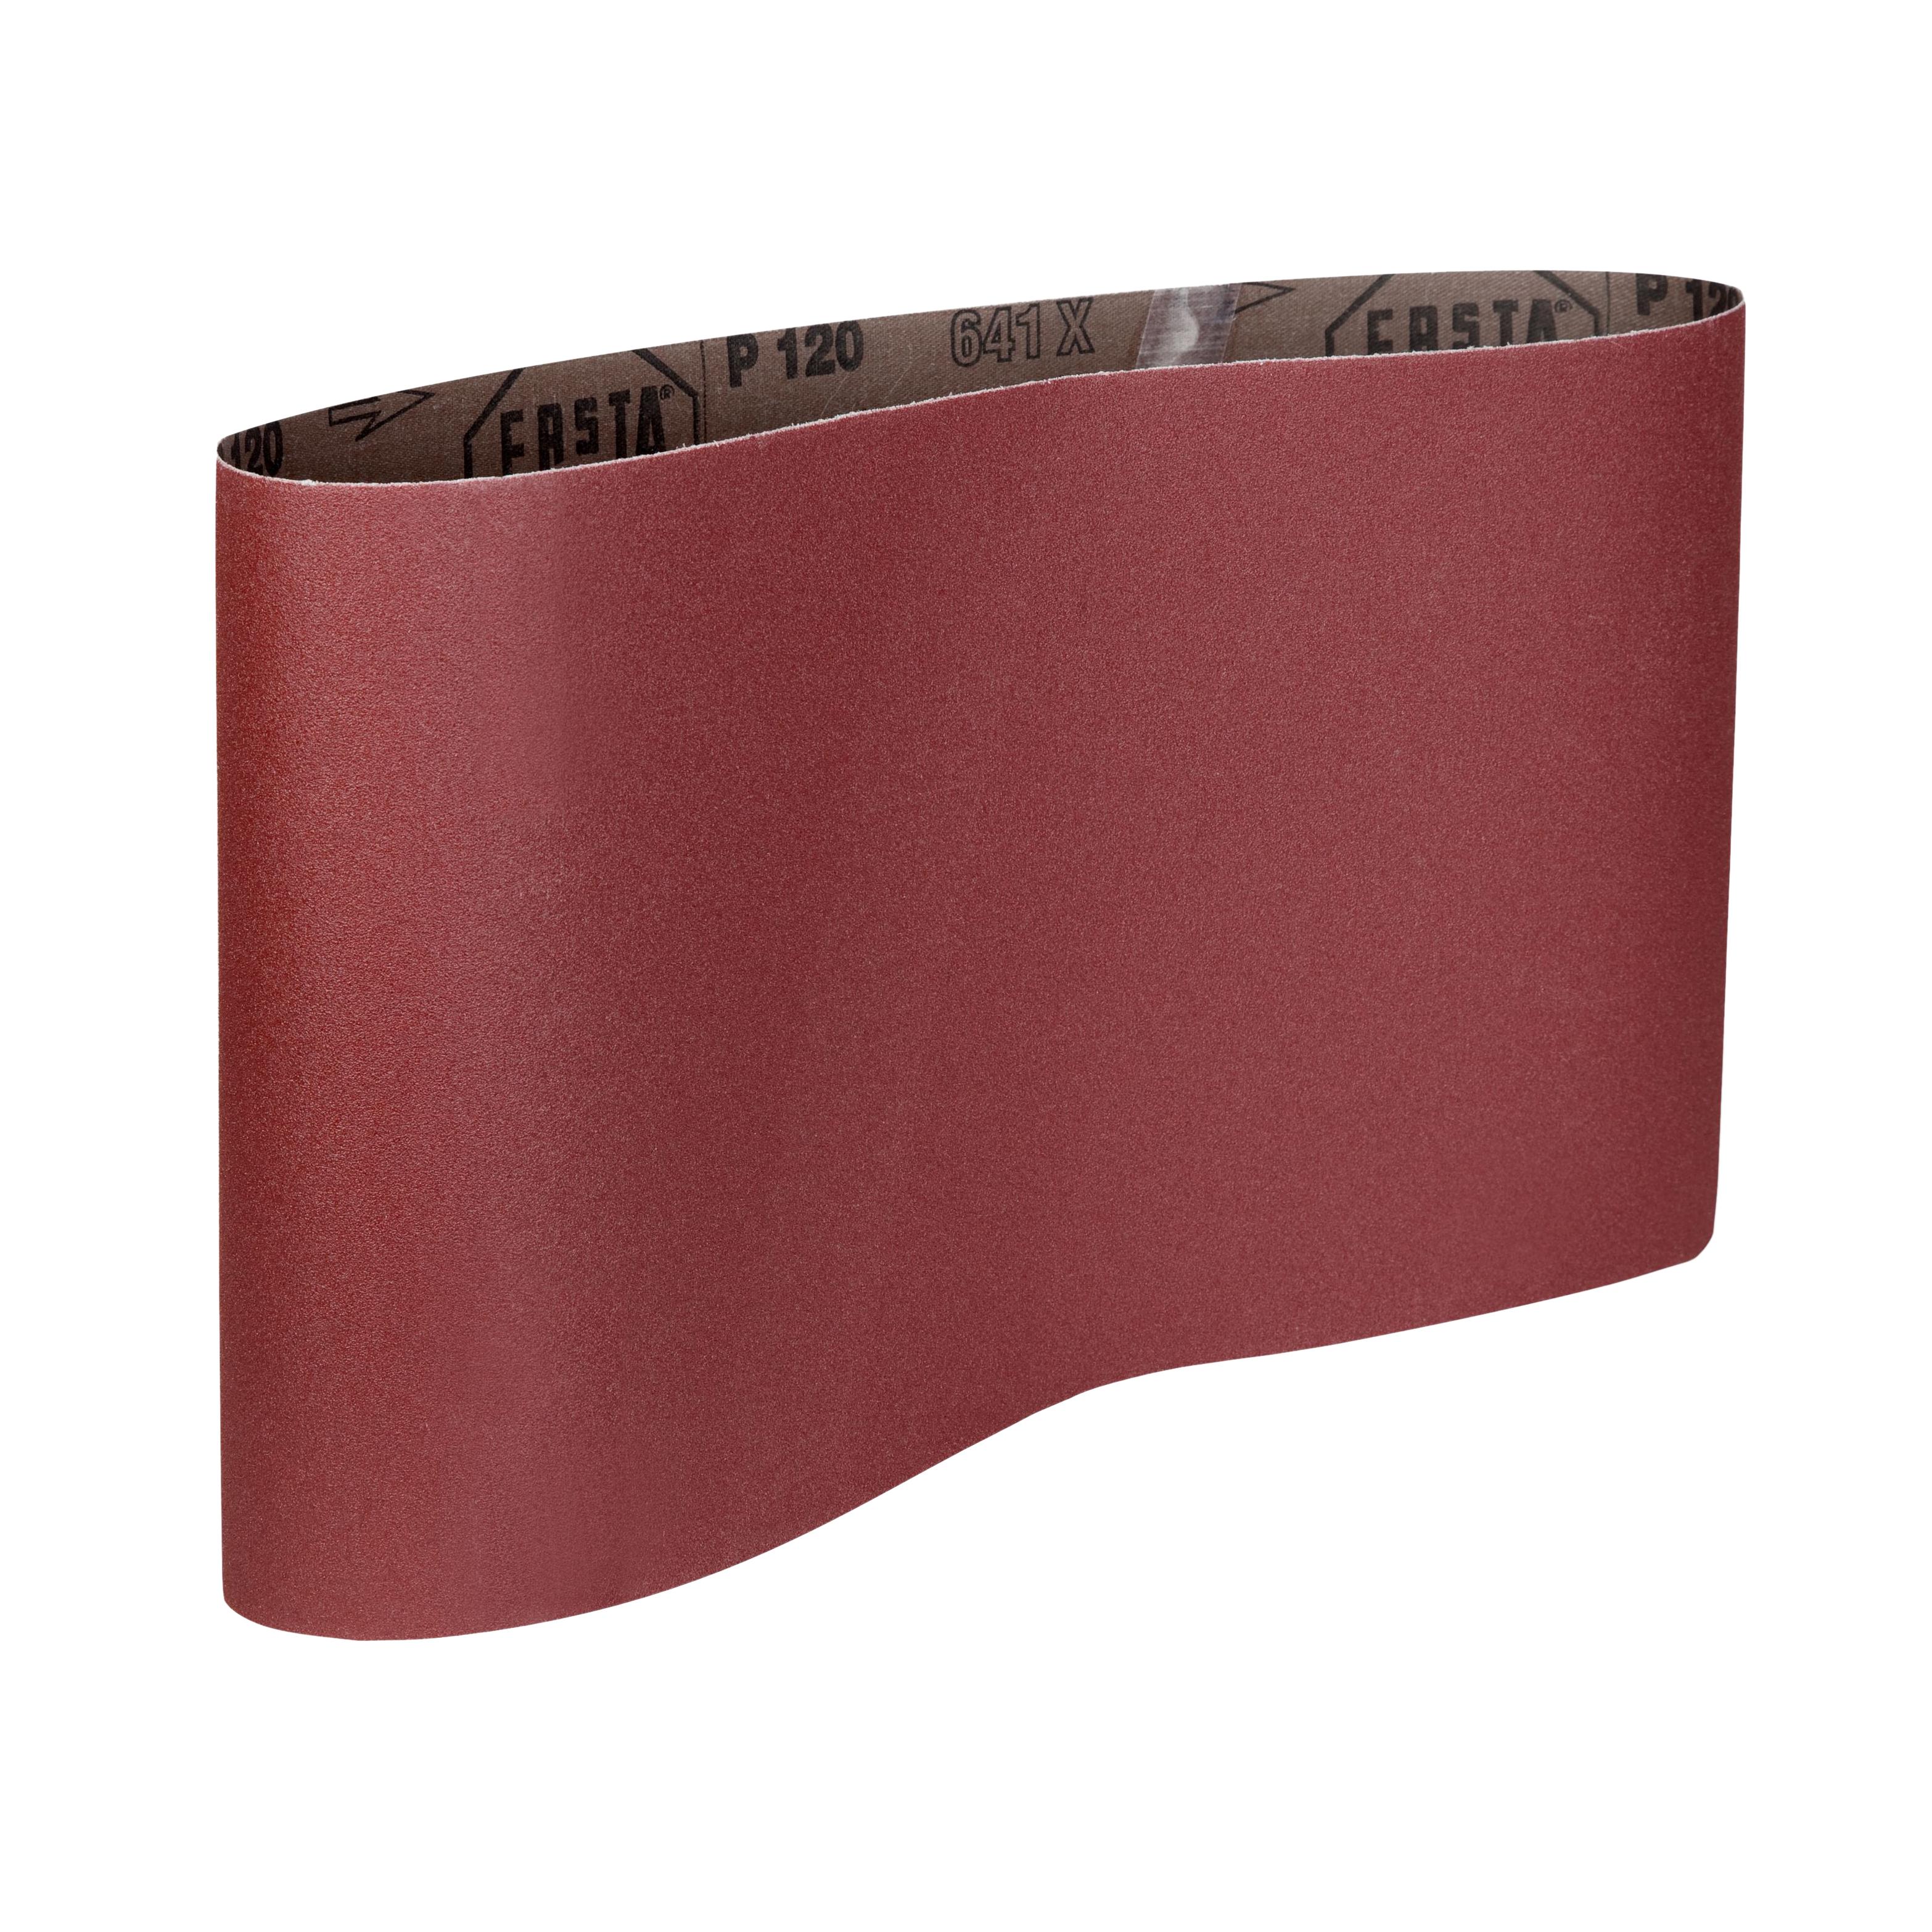 K 40 PARAT Belts Schleifband 200x551mm